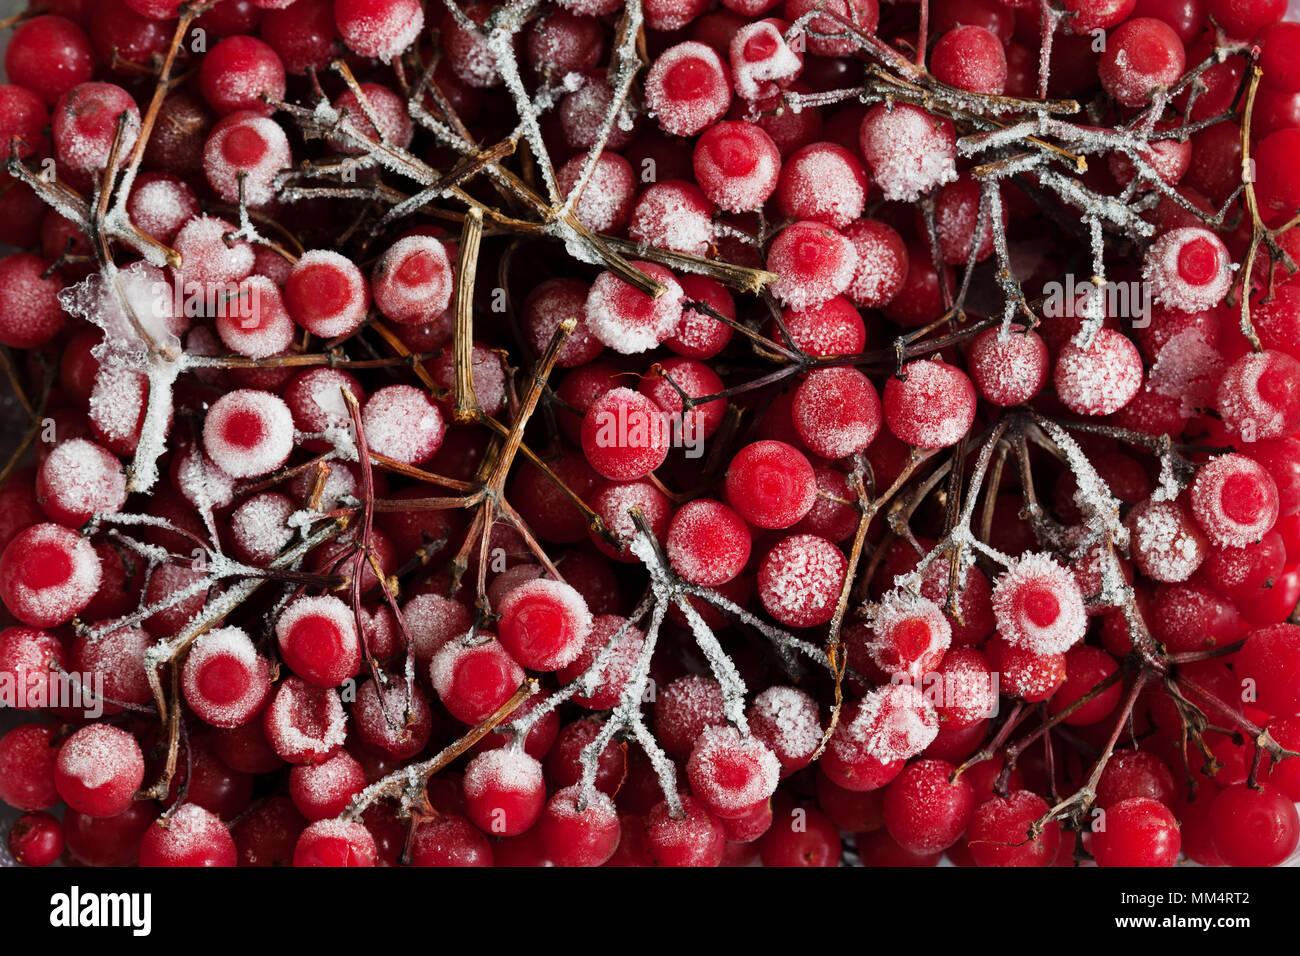 Red ripe frozen viburnum in store, Viburnum opulus from above - Stock Image